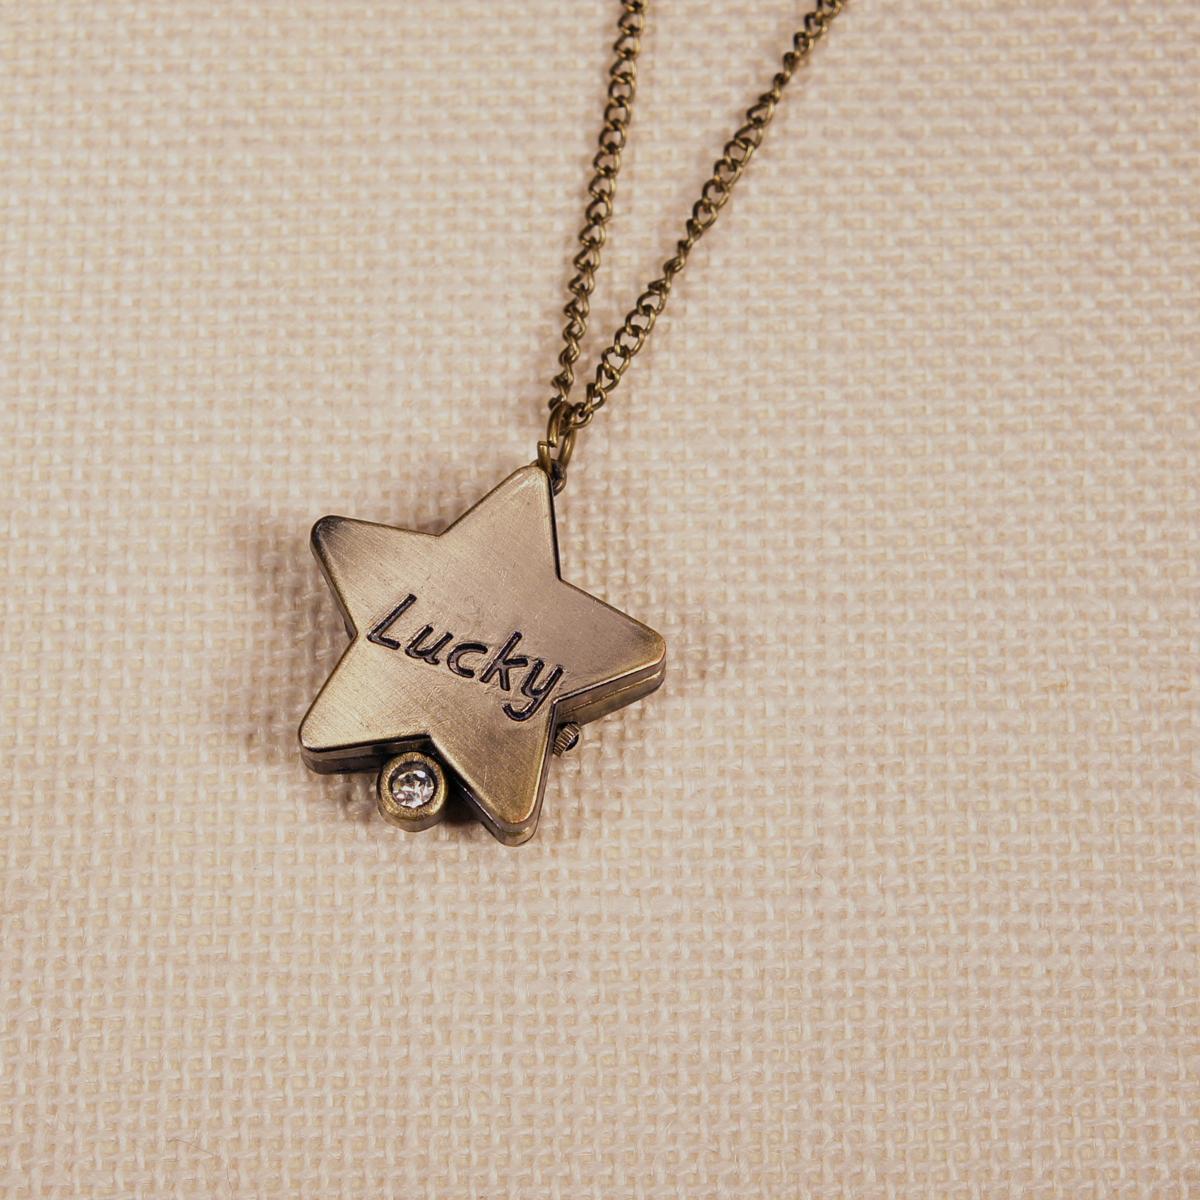 Кулон-часы Lucky. ANTIK-054 ( ANTIK-054 )